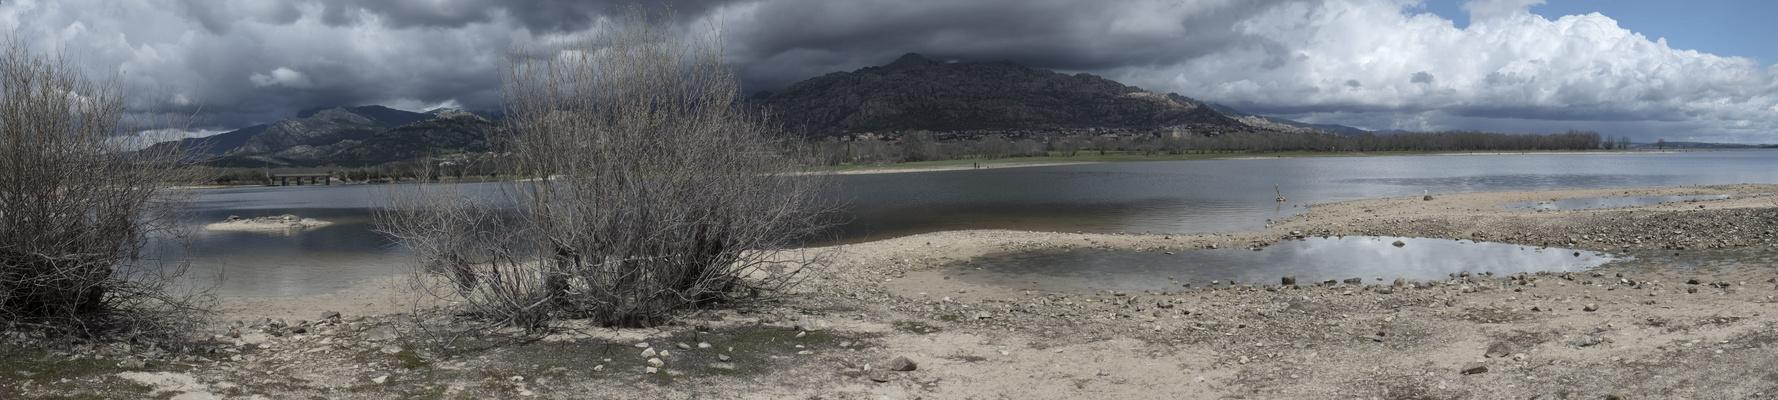 Panoramica de Manzanares el Real